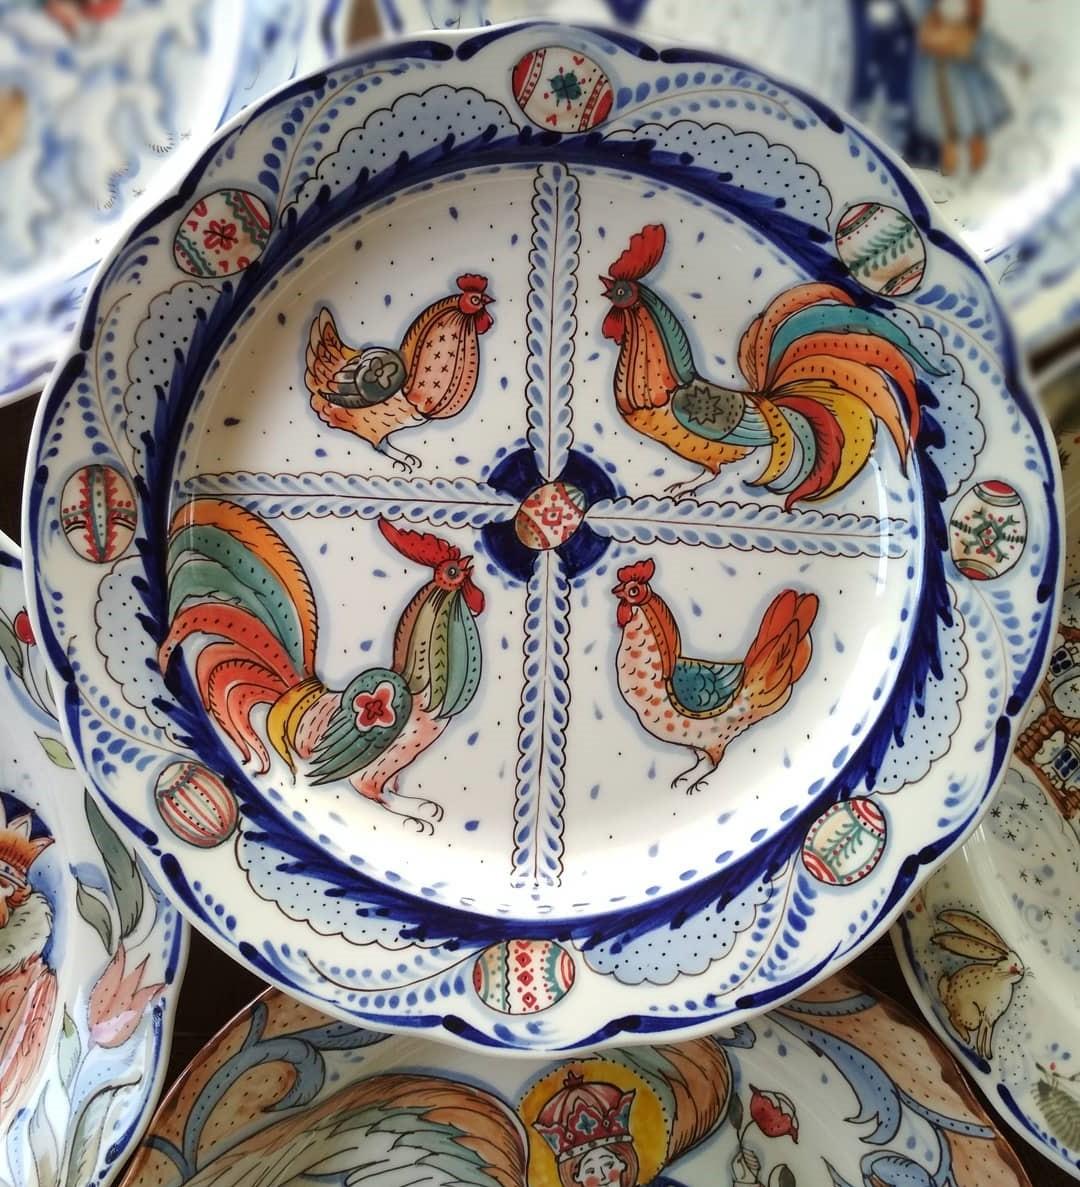 Волшебные петушки | Волшебная керамика, которая влюбляет в себя с первого взгляда | Brain Berries